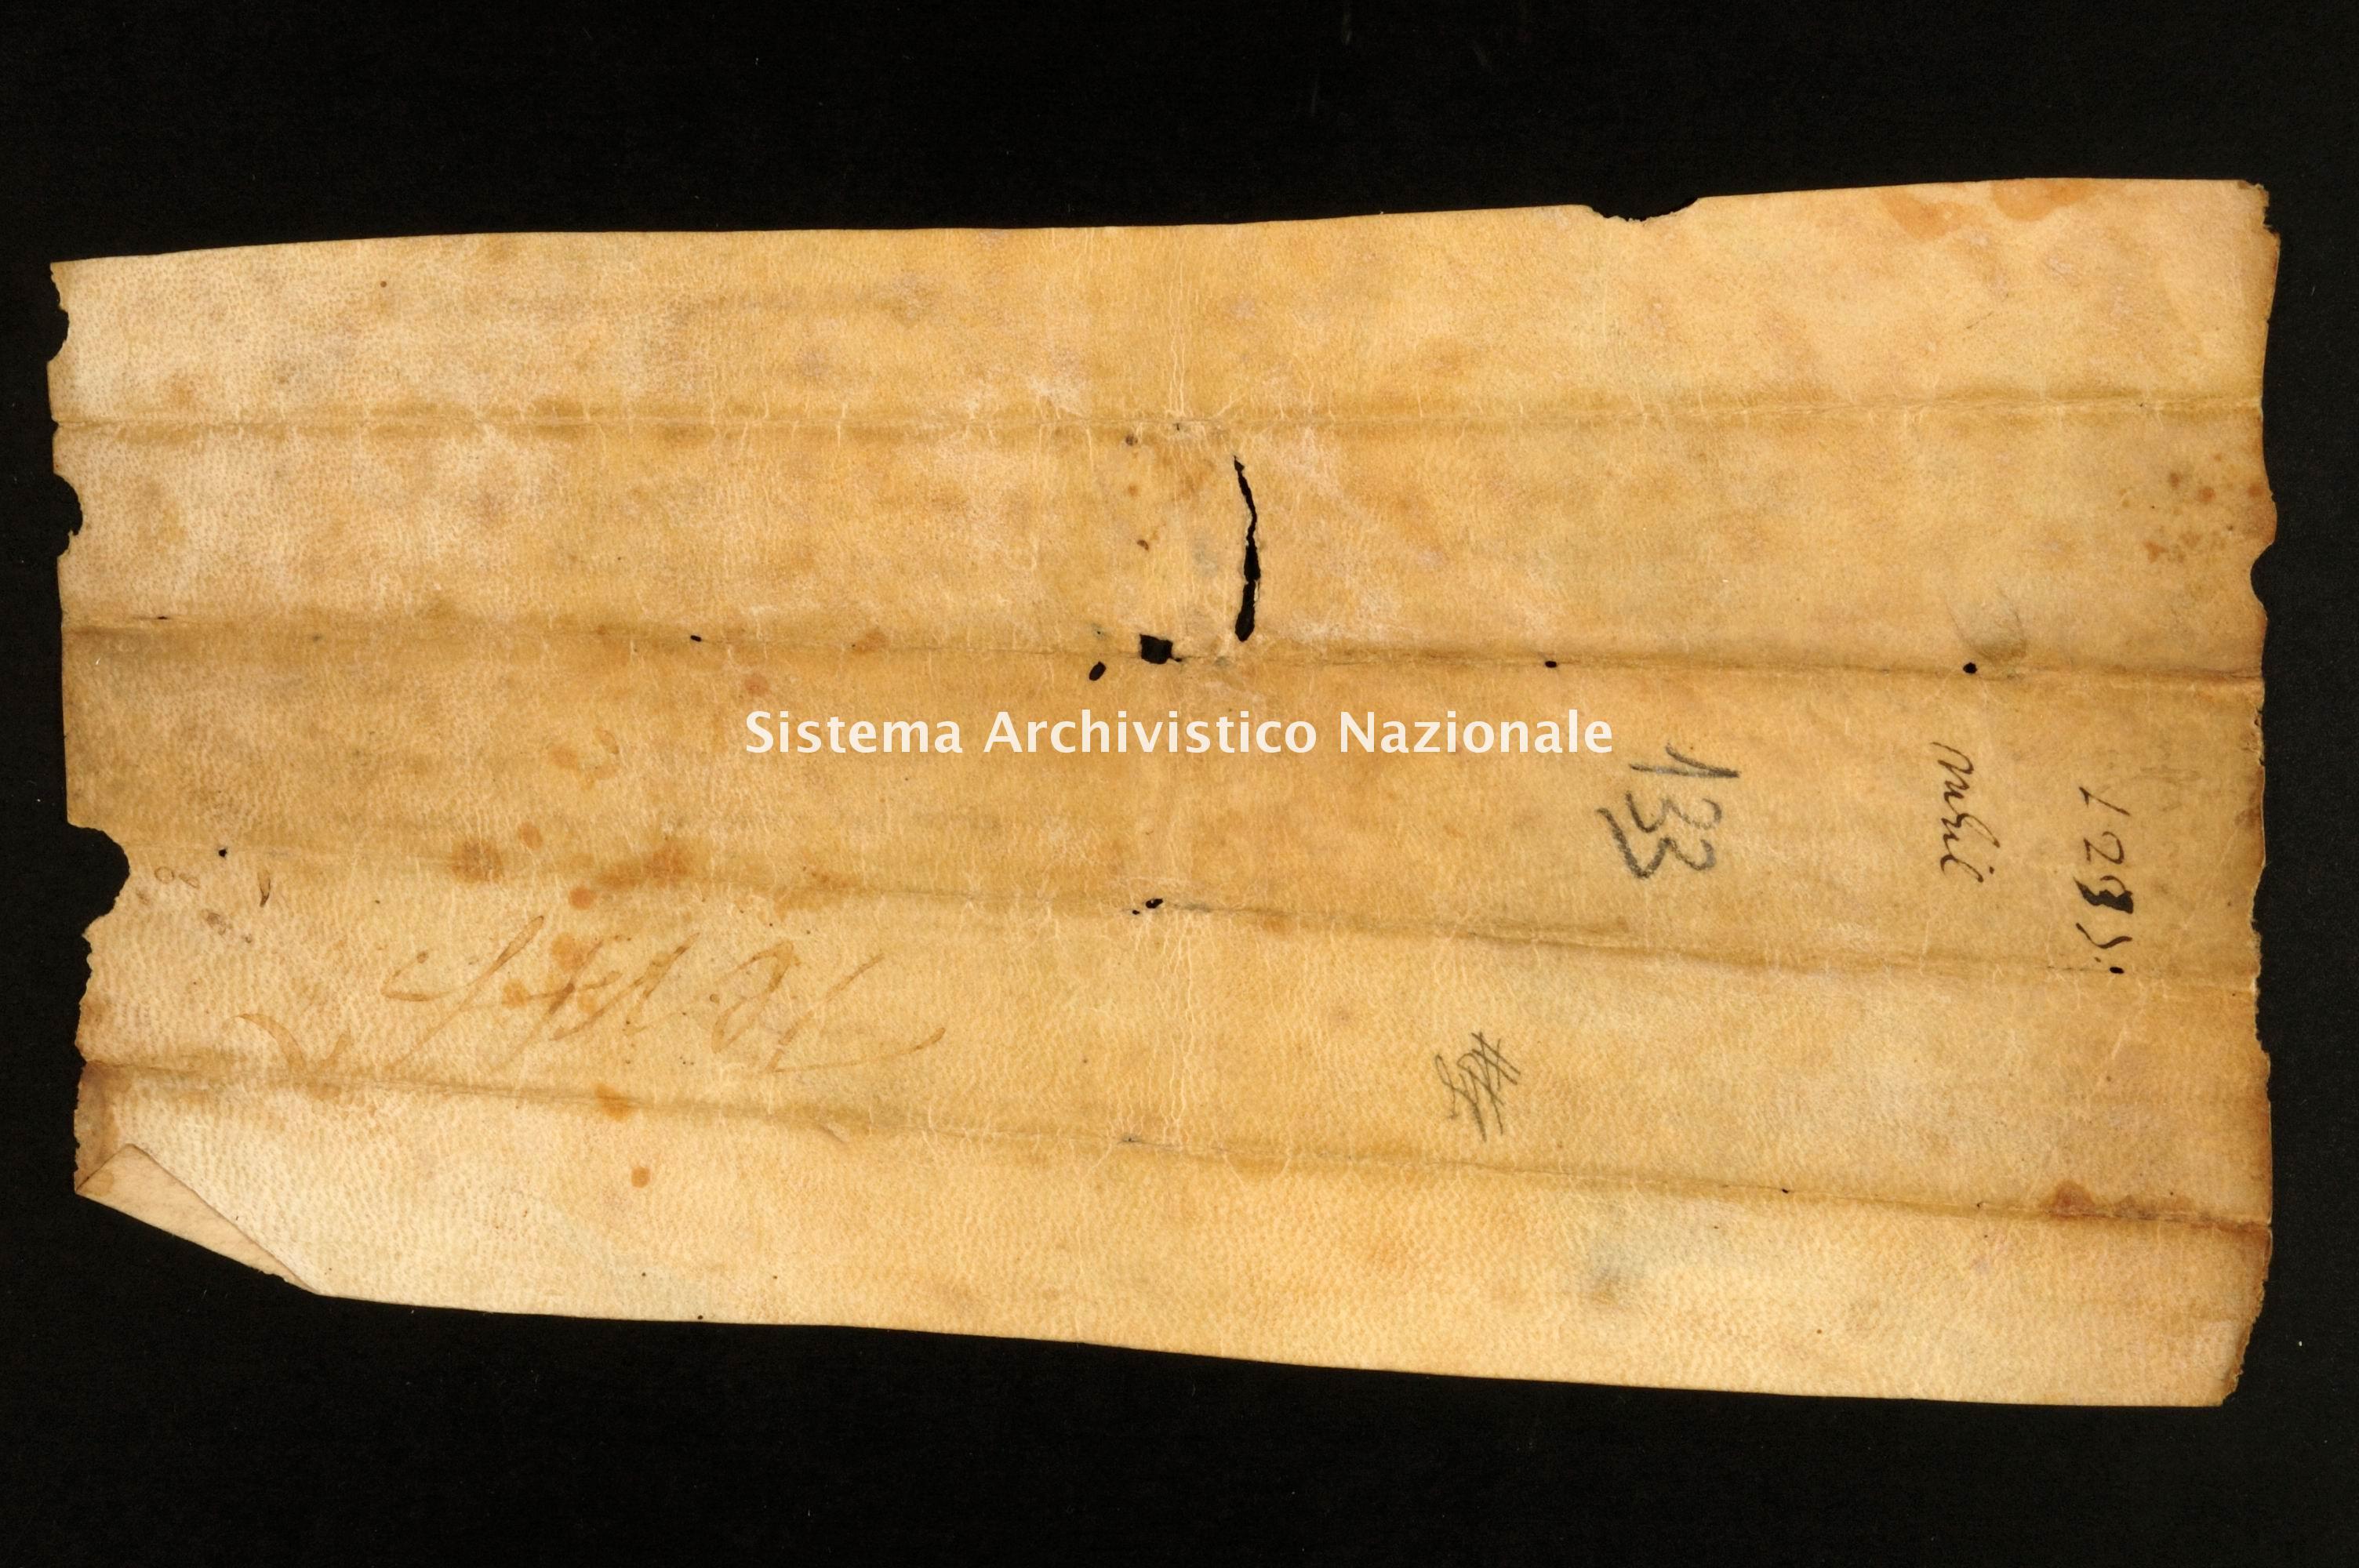 Archivio di Stato di Alessandria, Pergamene di Santa Eufemia di Tortona, monastero, pergamena 022